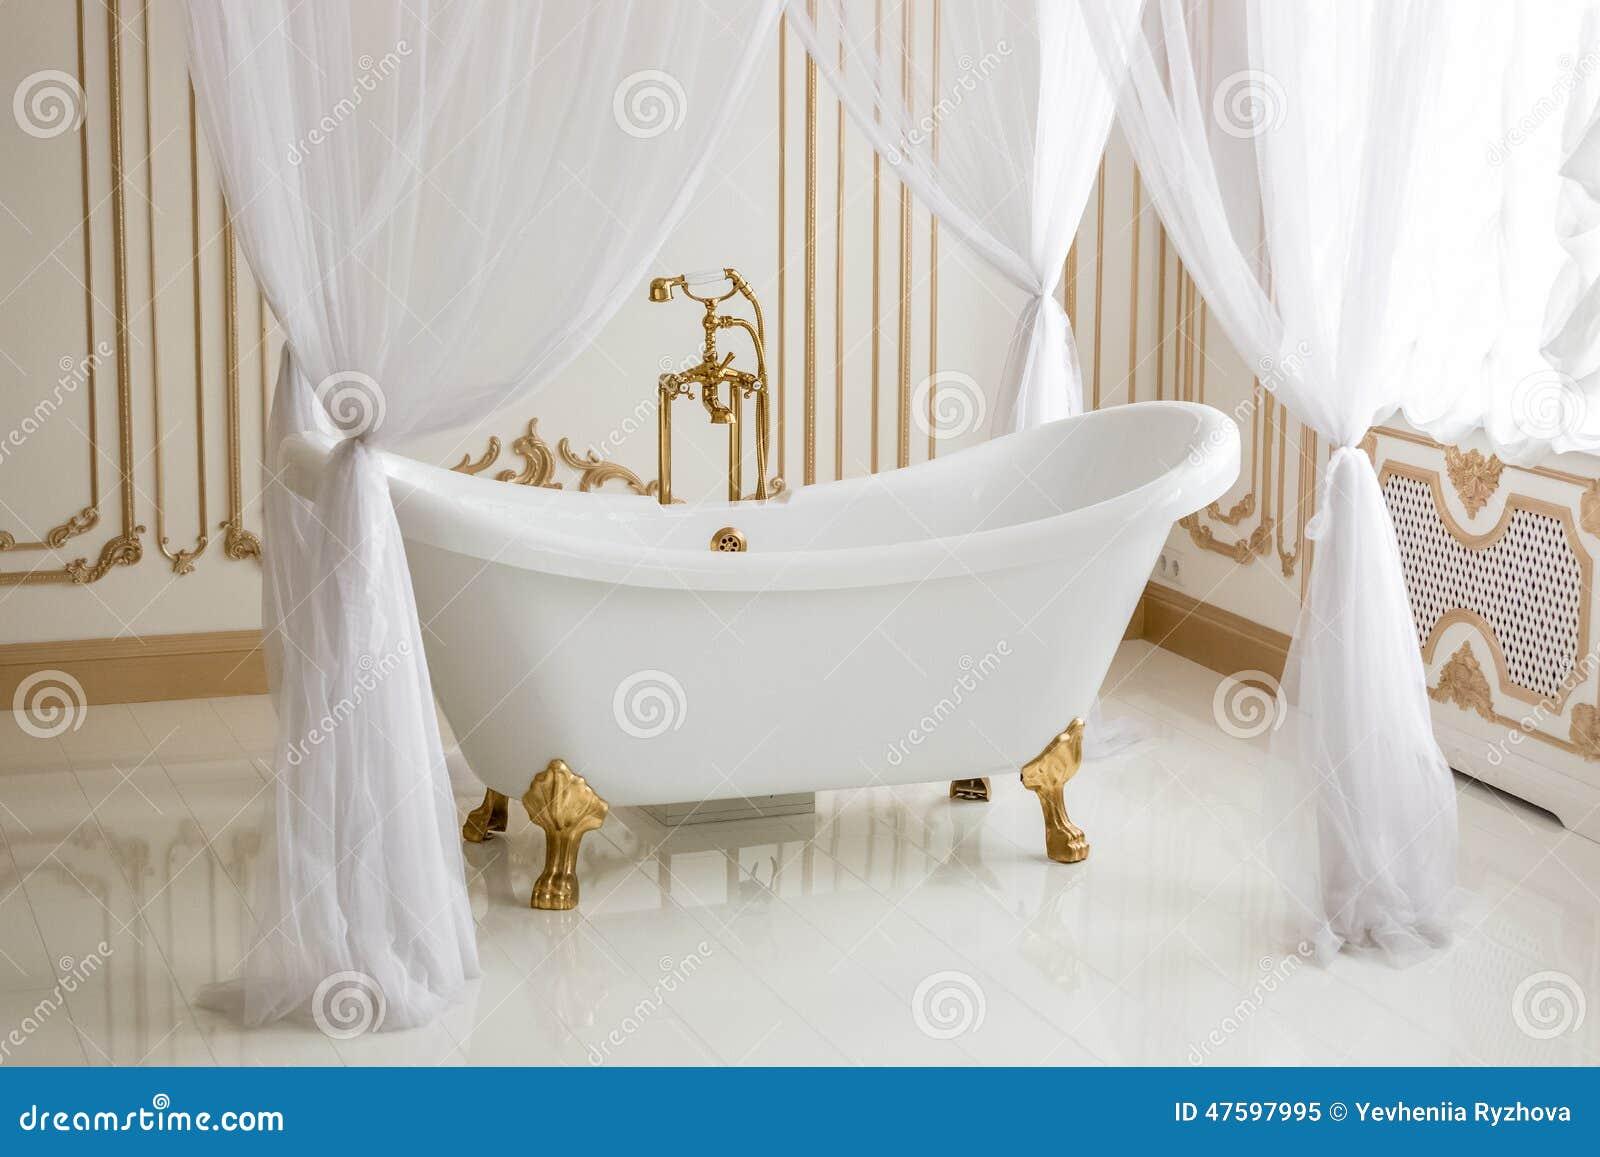 Bain Luxueux Blanc Avec Les Jambes D Or La Salle De Bains Image